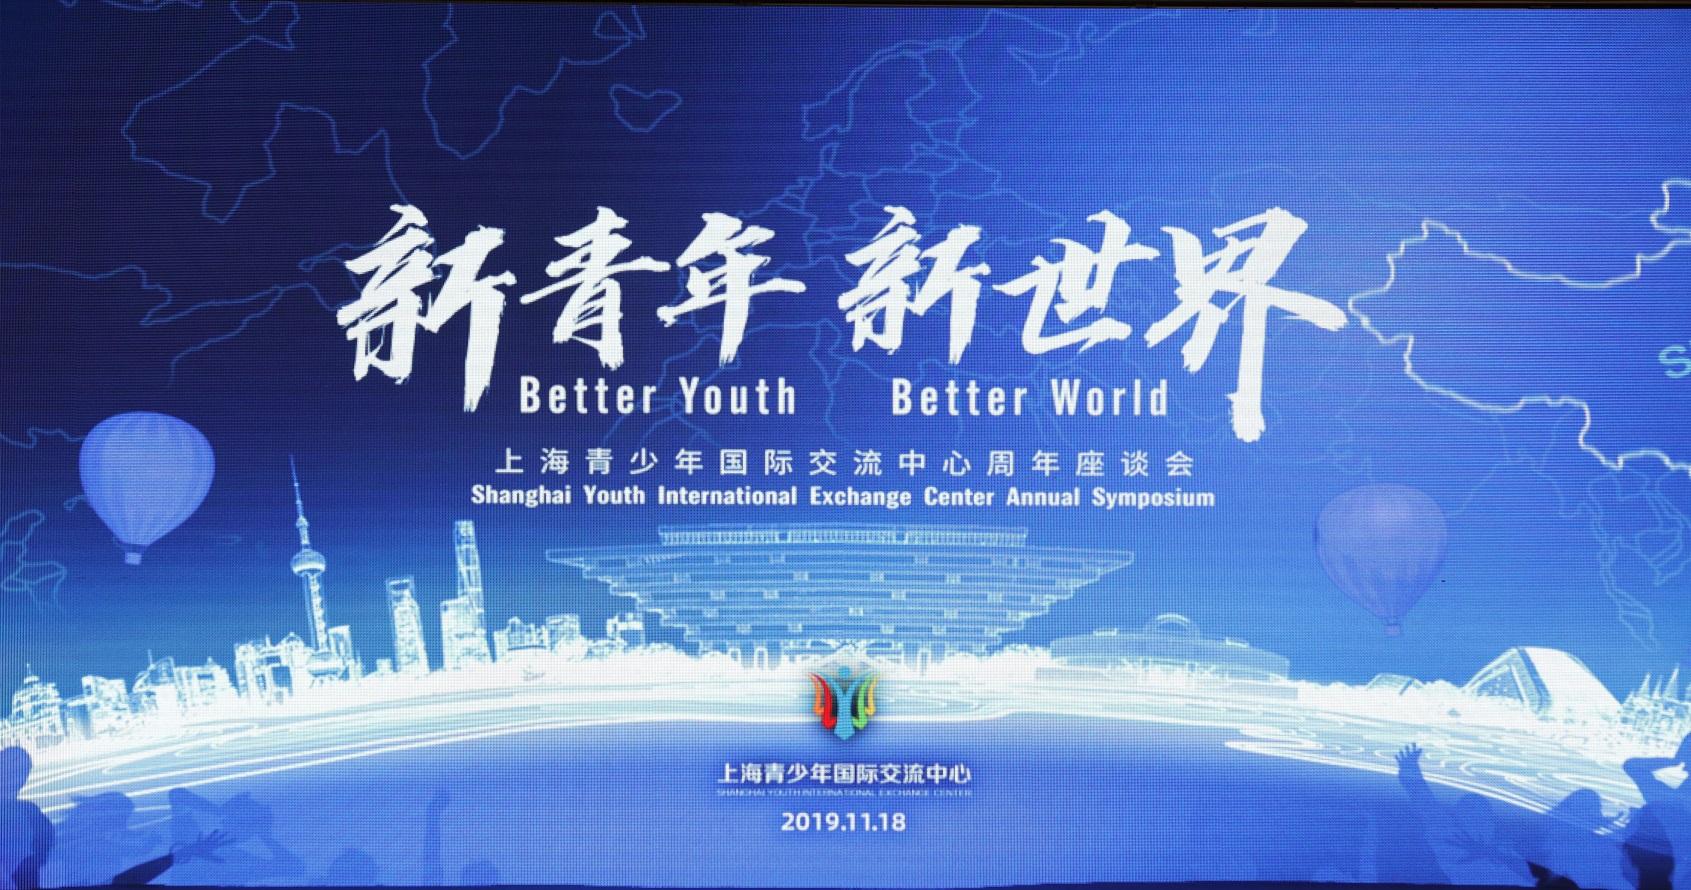 """留学人员呈现""""低龄化"""",这些文体交流活动可以帮助青少年顺利""""与世界相连"""""""